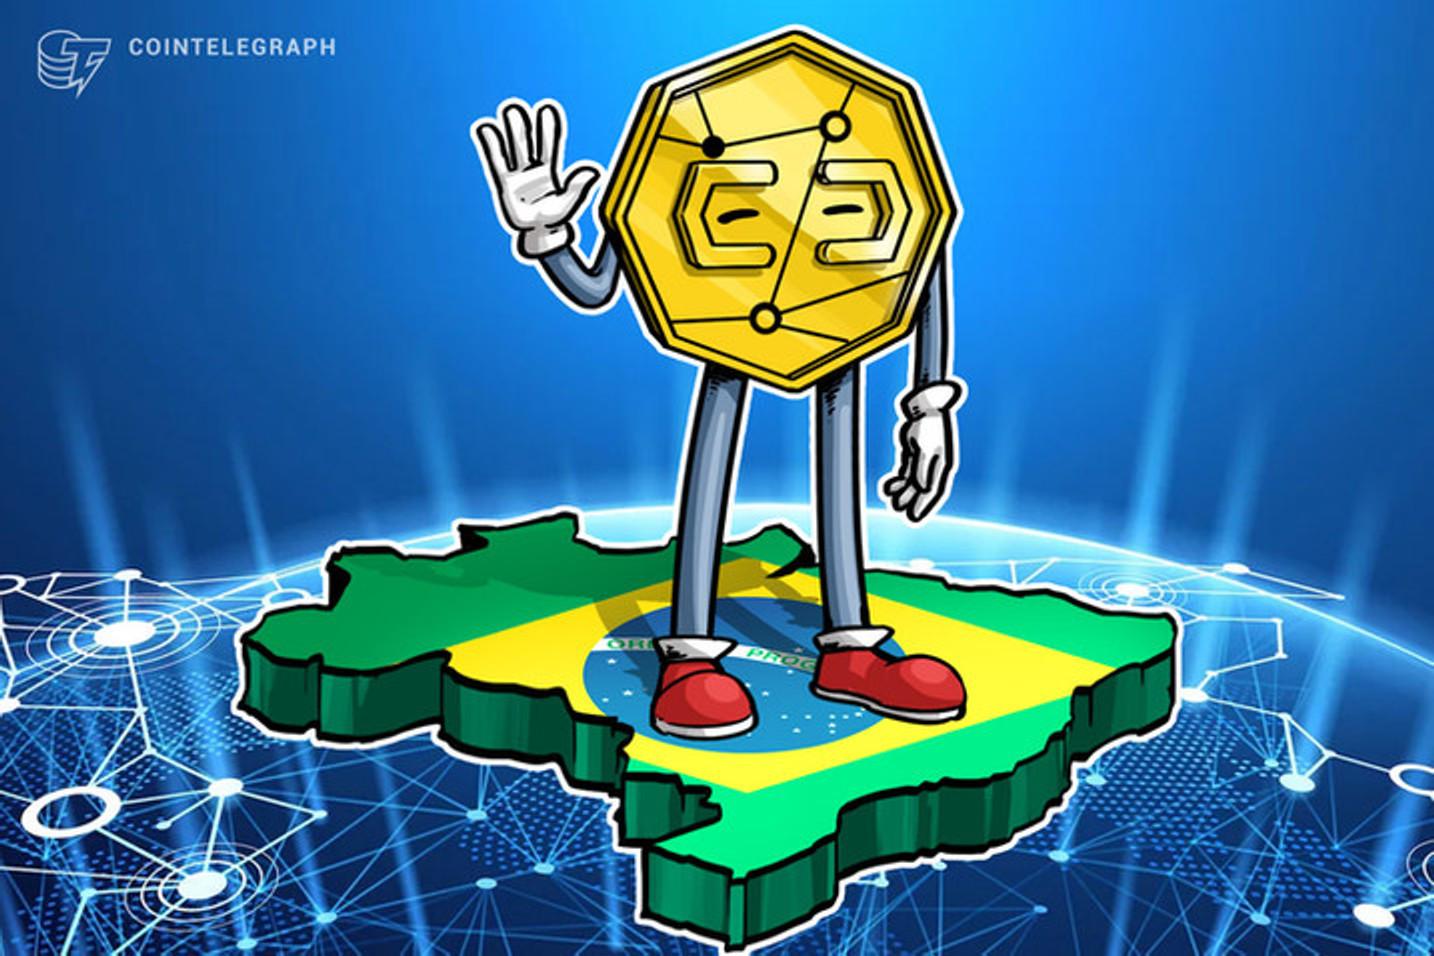 Brasileira Liqi promove evento gratuito sobre tokenização com especialistas do setor